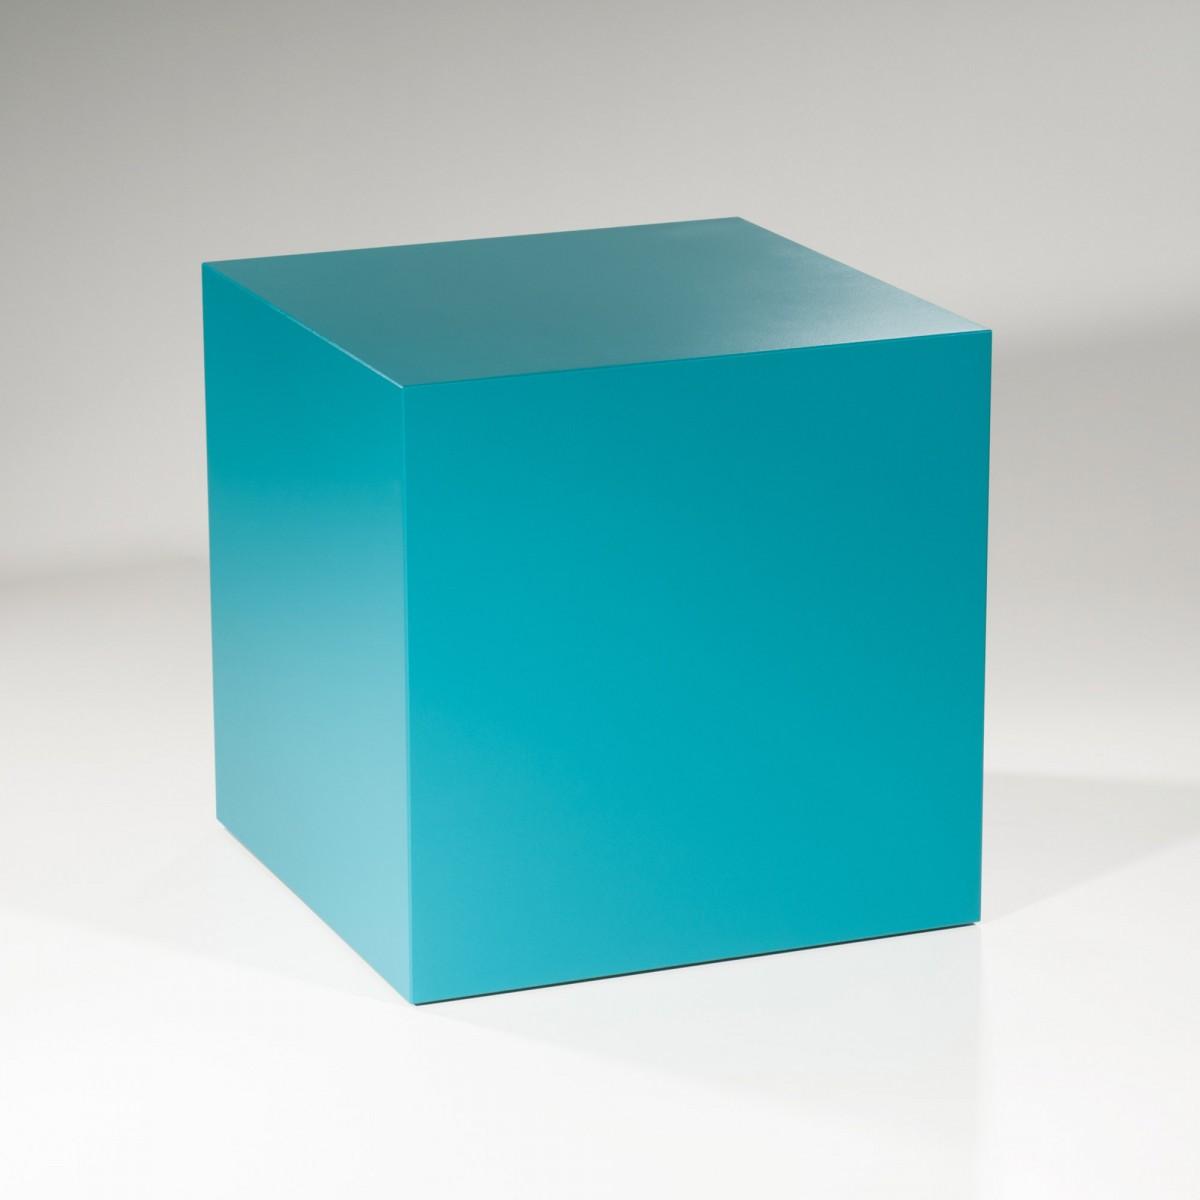 lupadesign pasch6 t rkis couchtisch beistelltisch hocker. Black Bedroom Furniture Sets. Home Design Ideas